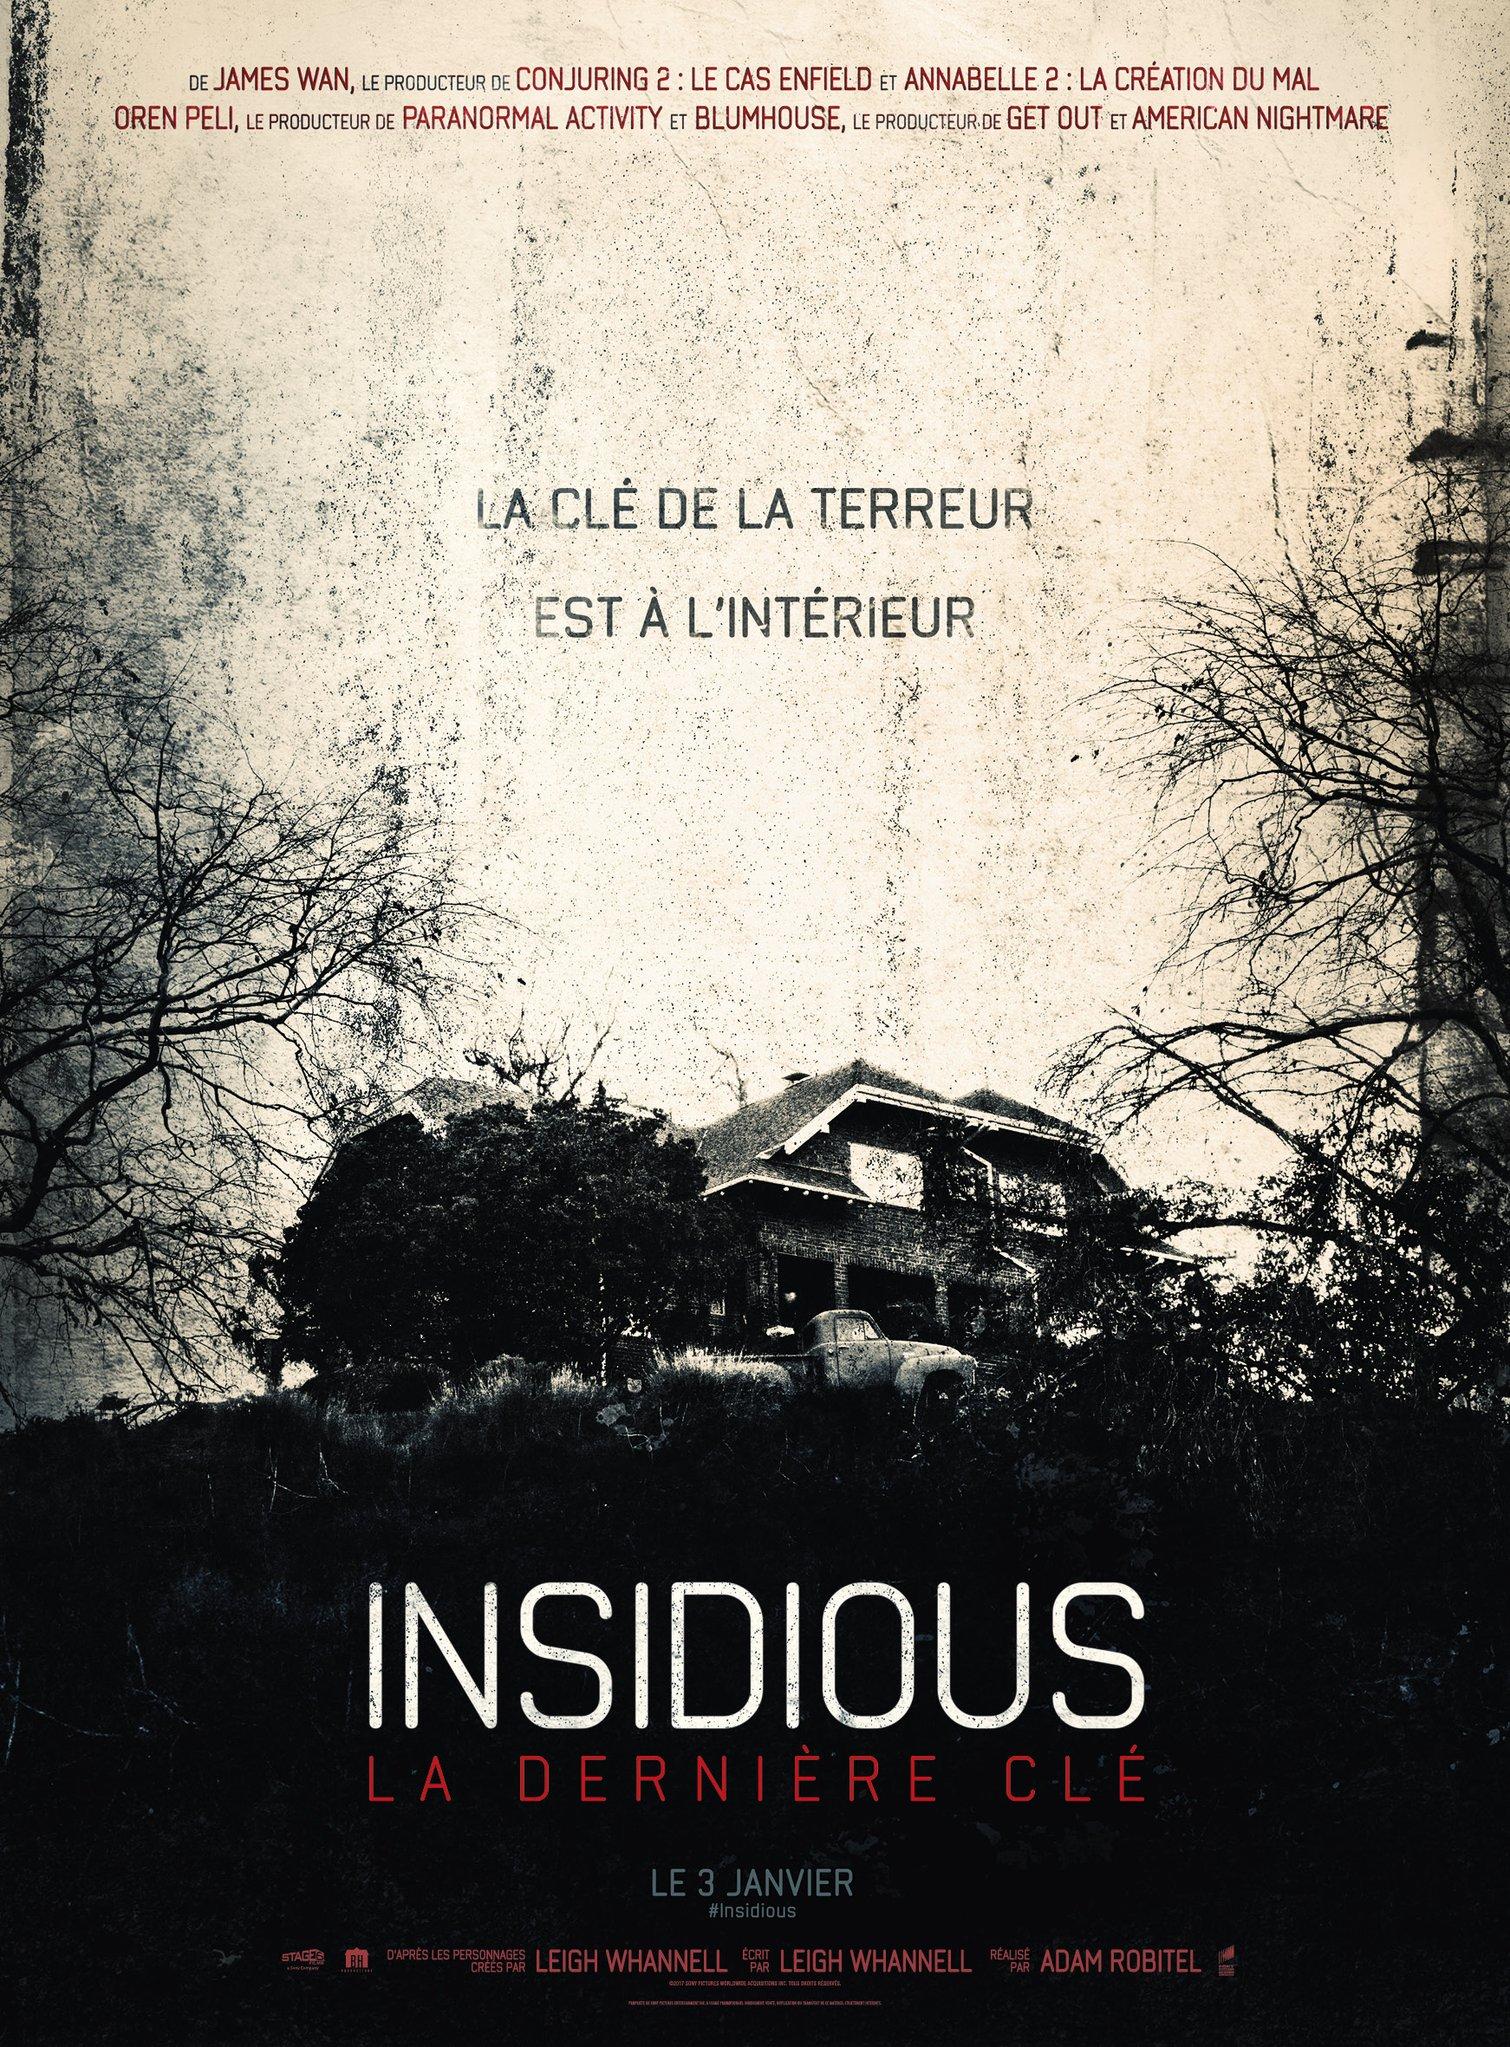 Insidious 4 Teaser Trailer